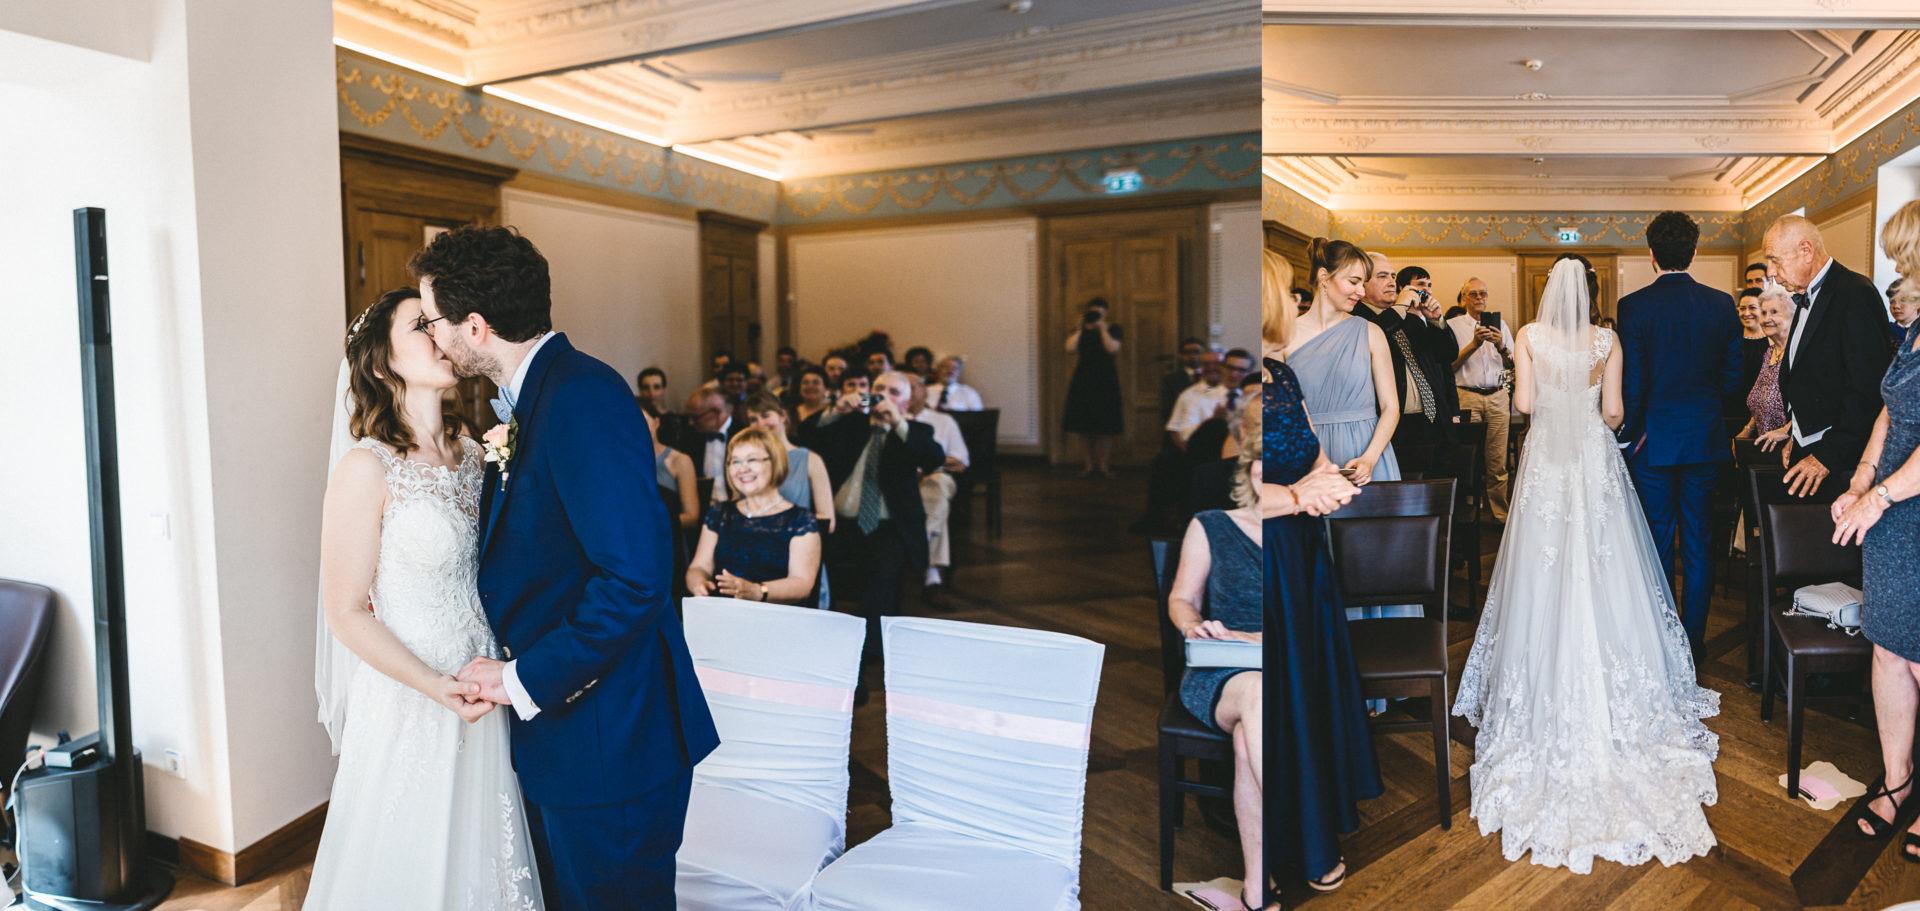 Hochzeitsreportage | Freie Trauung im Herrenhaus Möckern in Leipzig | 27